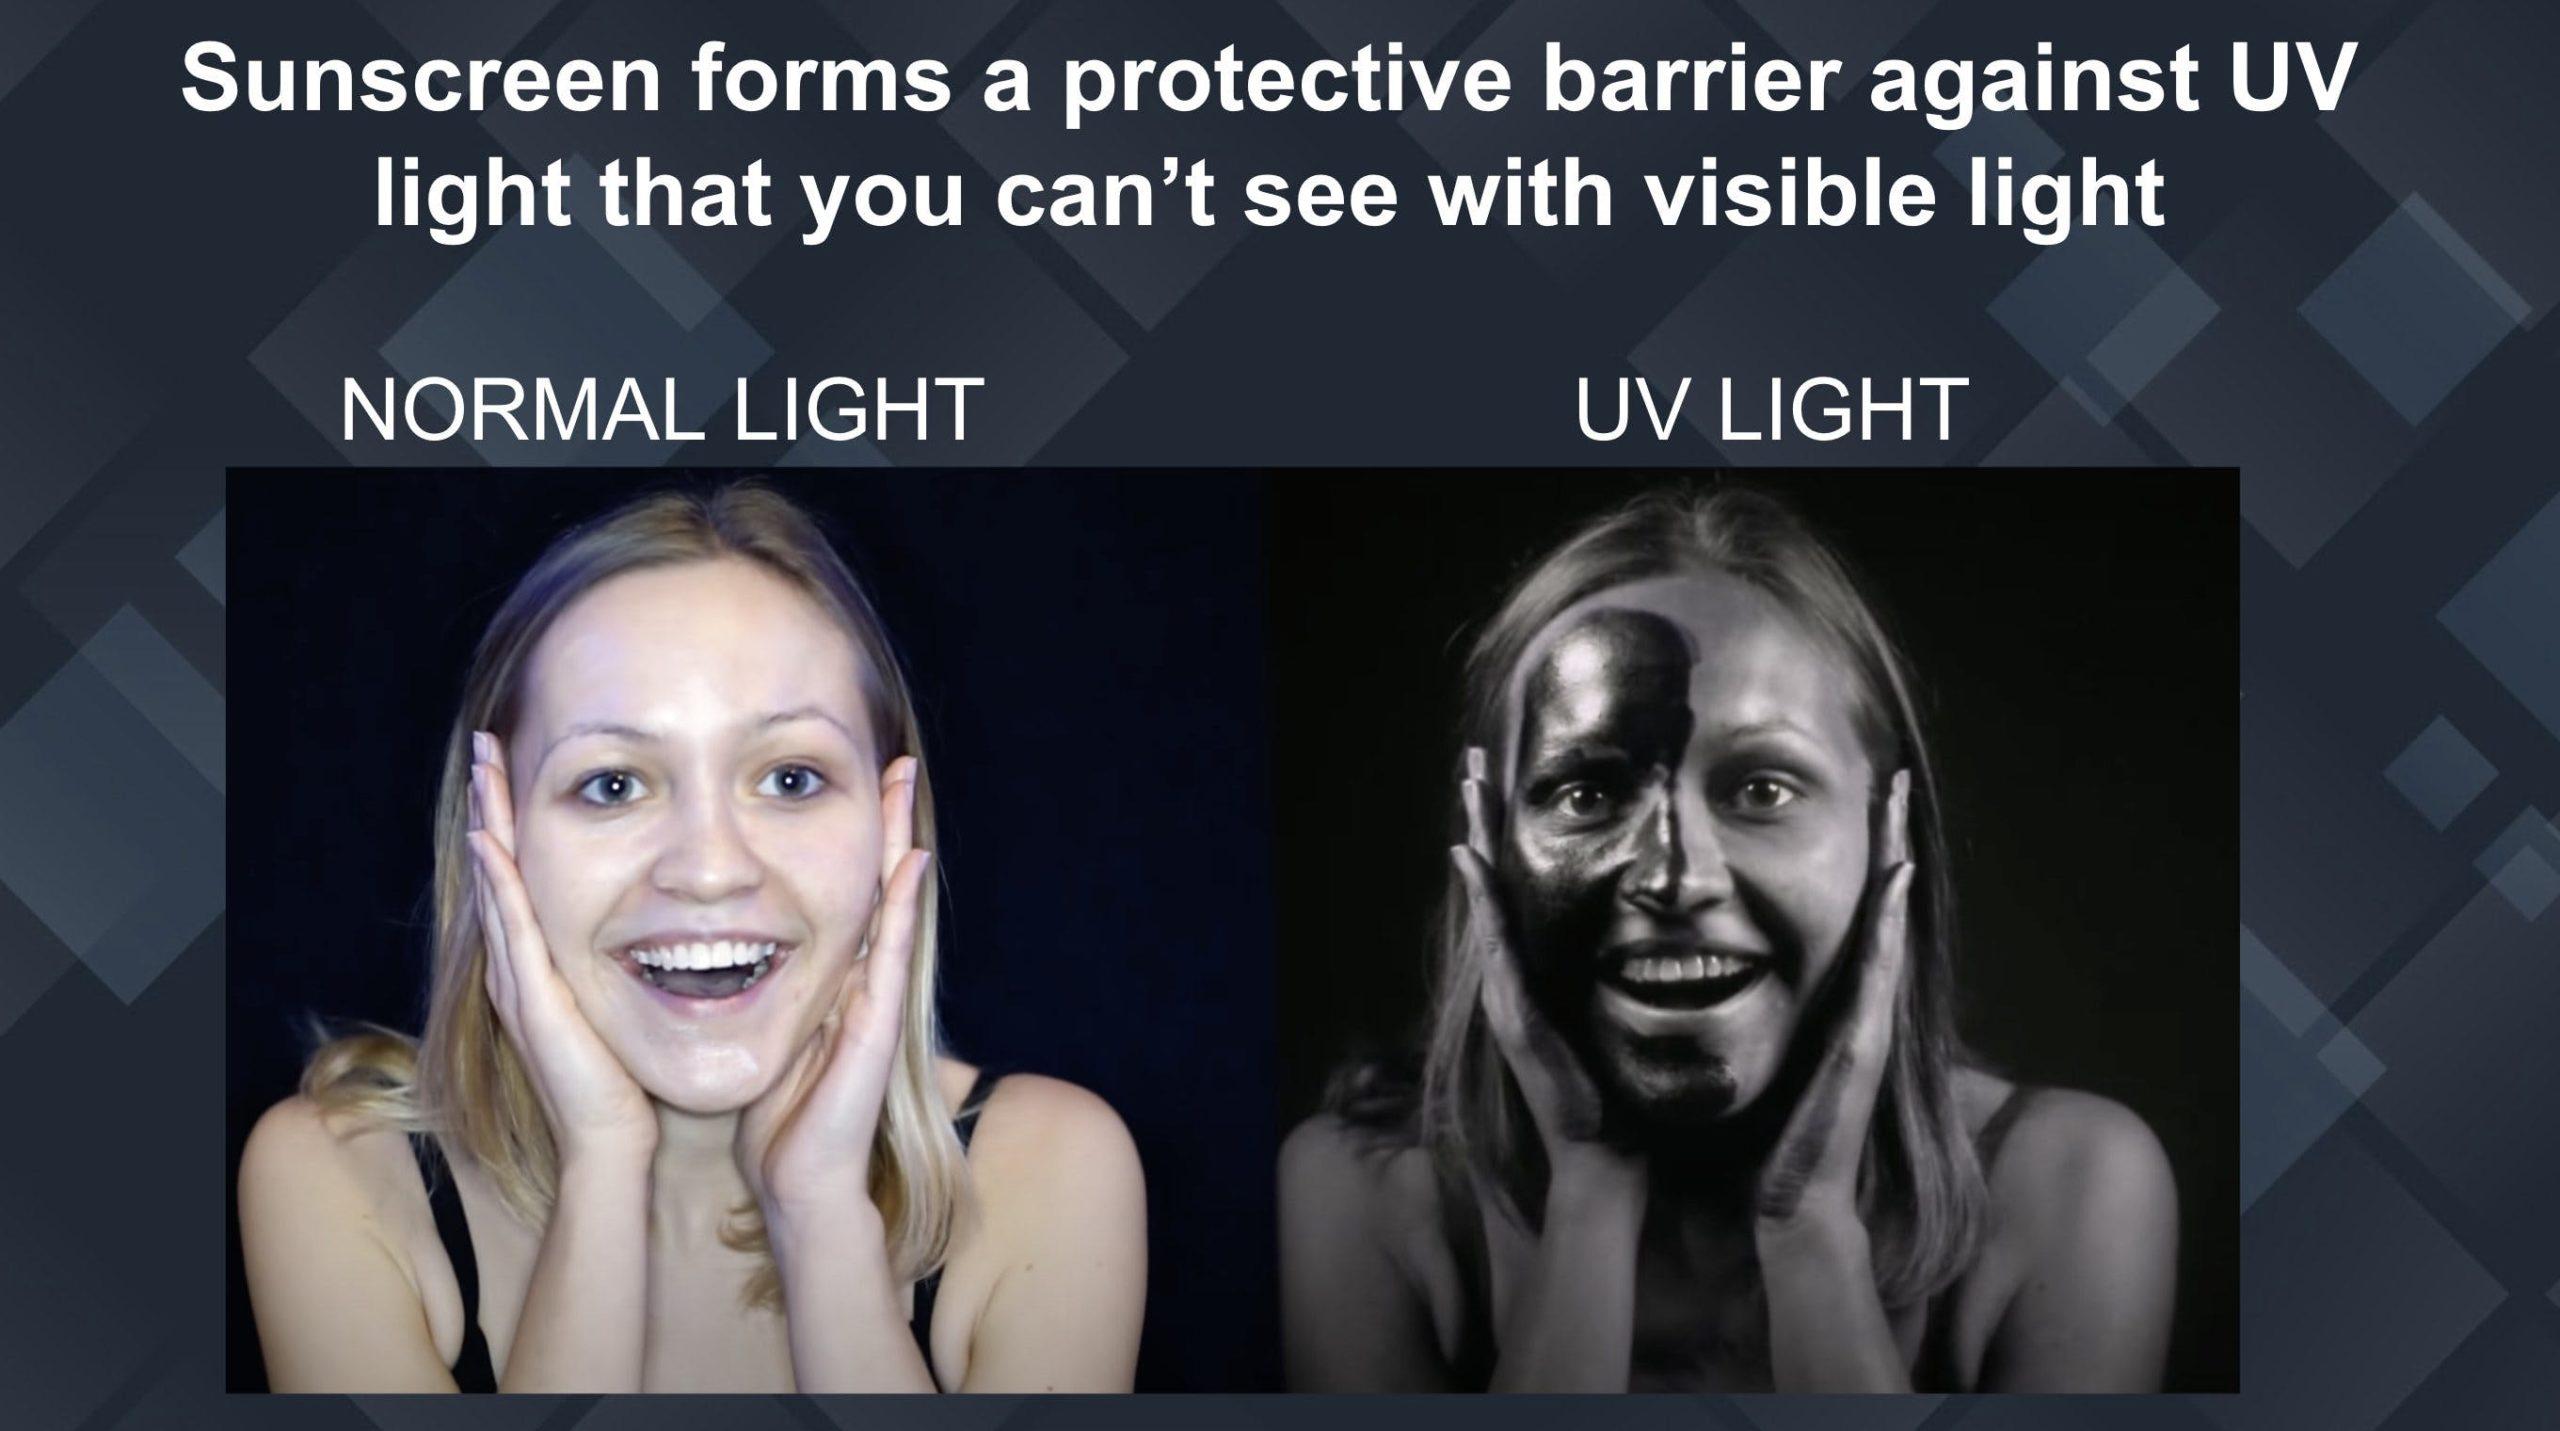 sunscreen under uv light